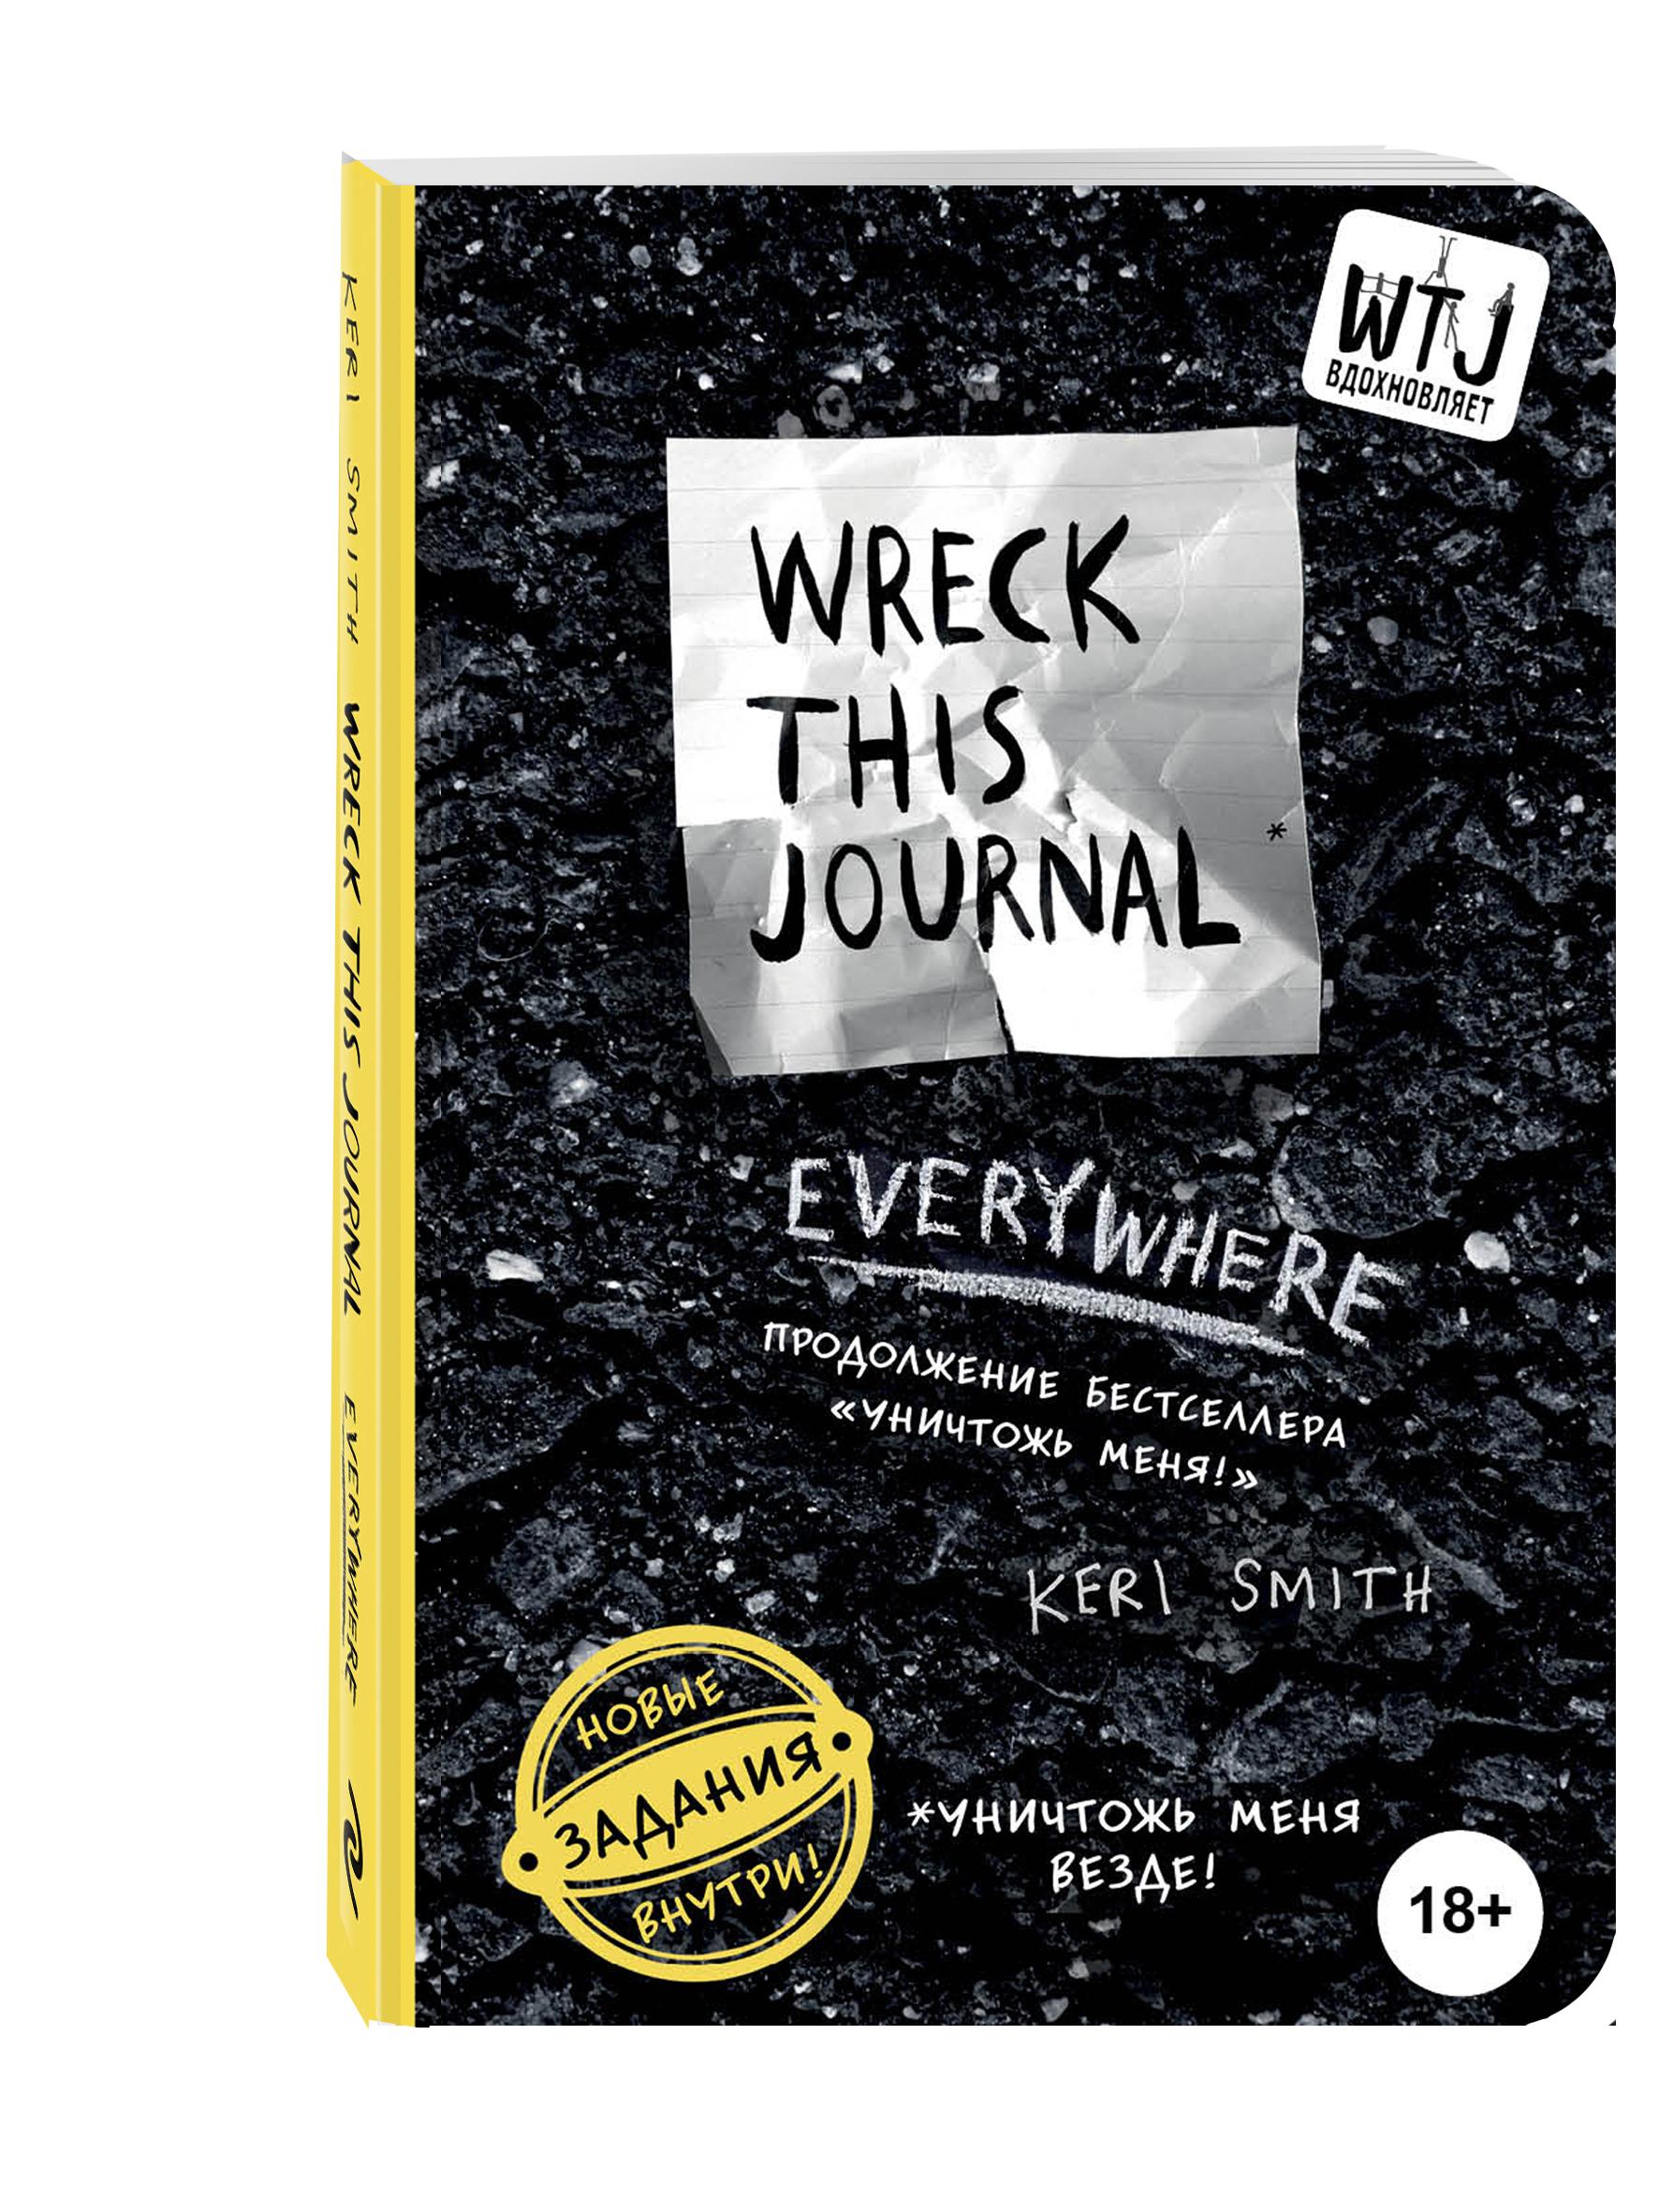 Смит К. Уничтожь меня везде! (англ. название Wreck This Journal Everywhere) блокнот уничтожь меня лимитир крафт обл